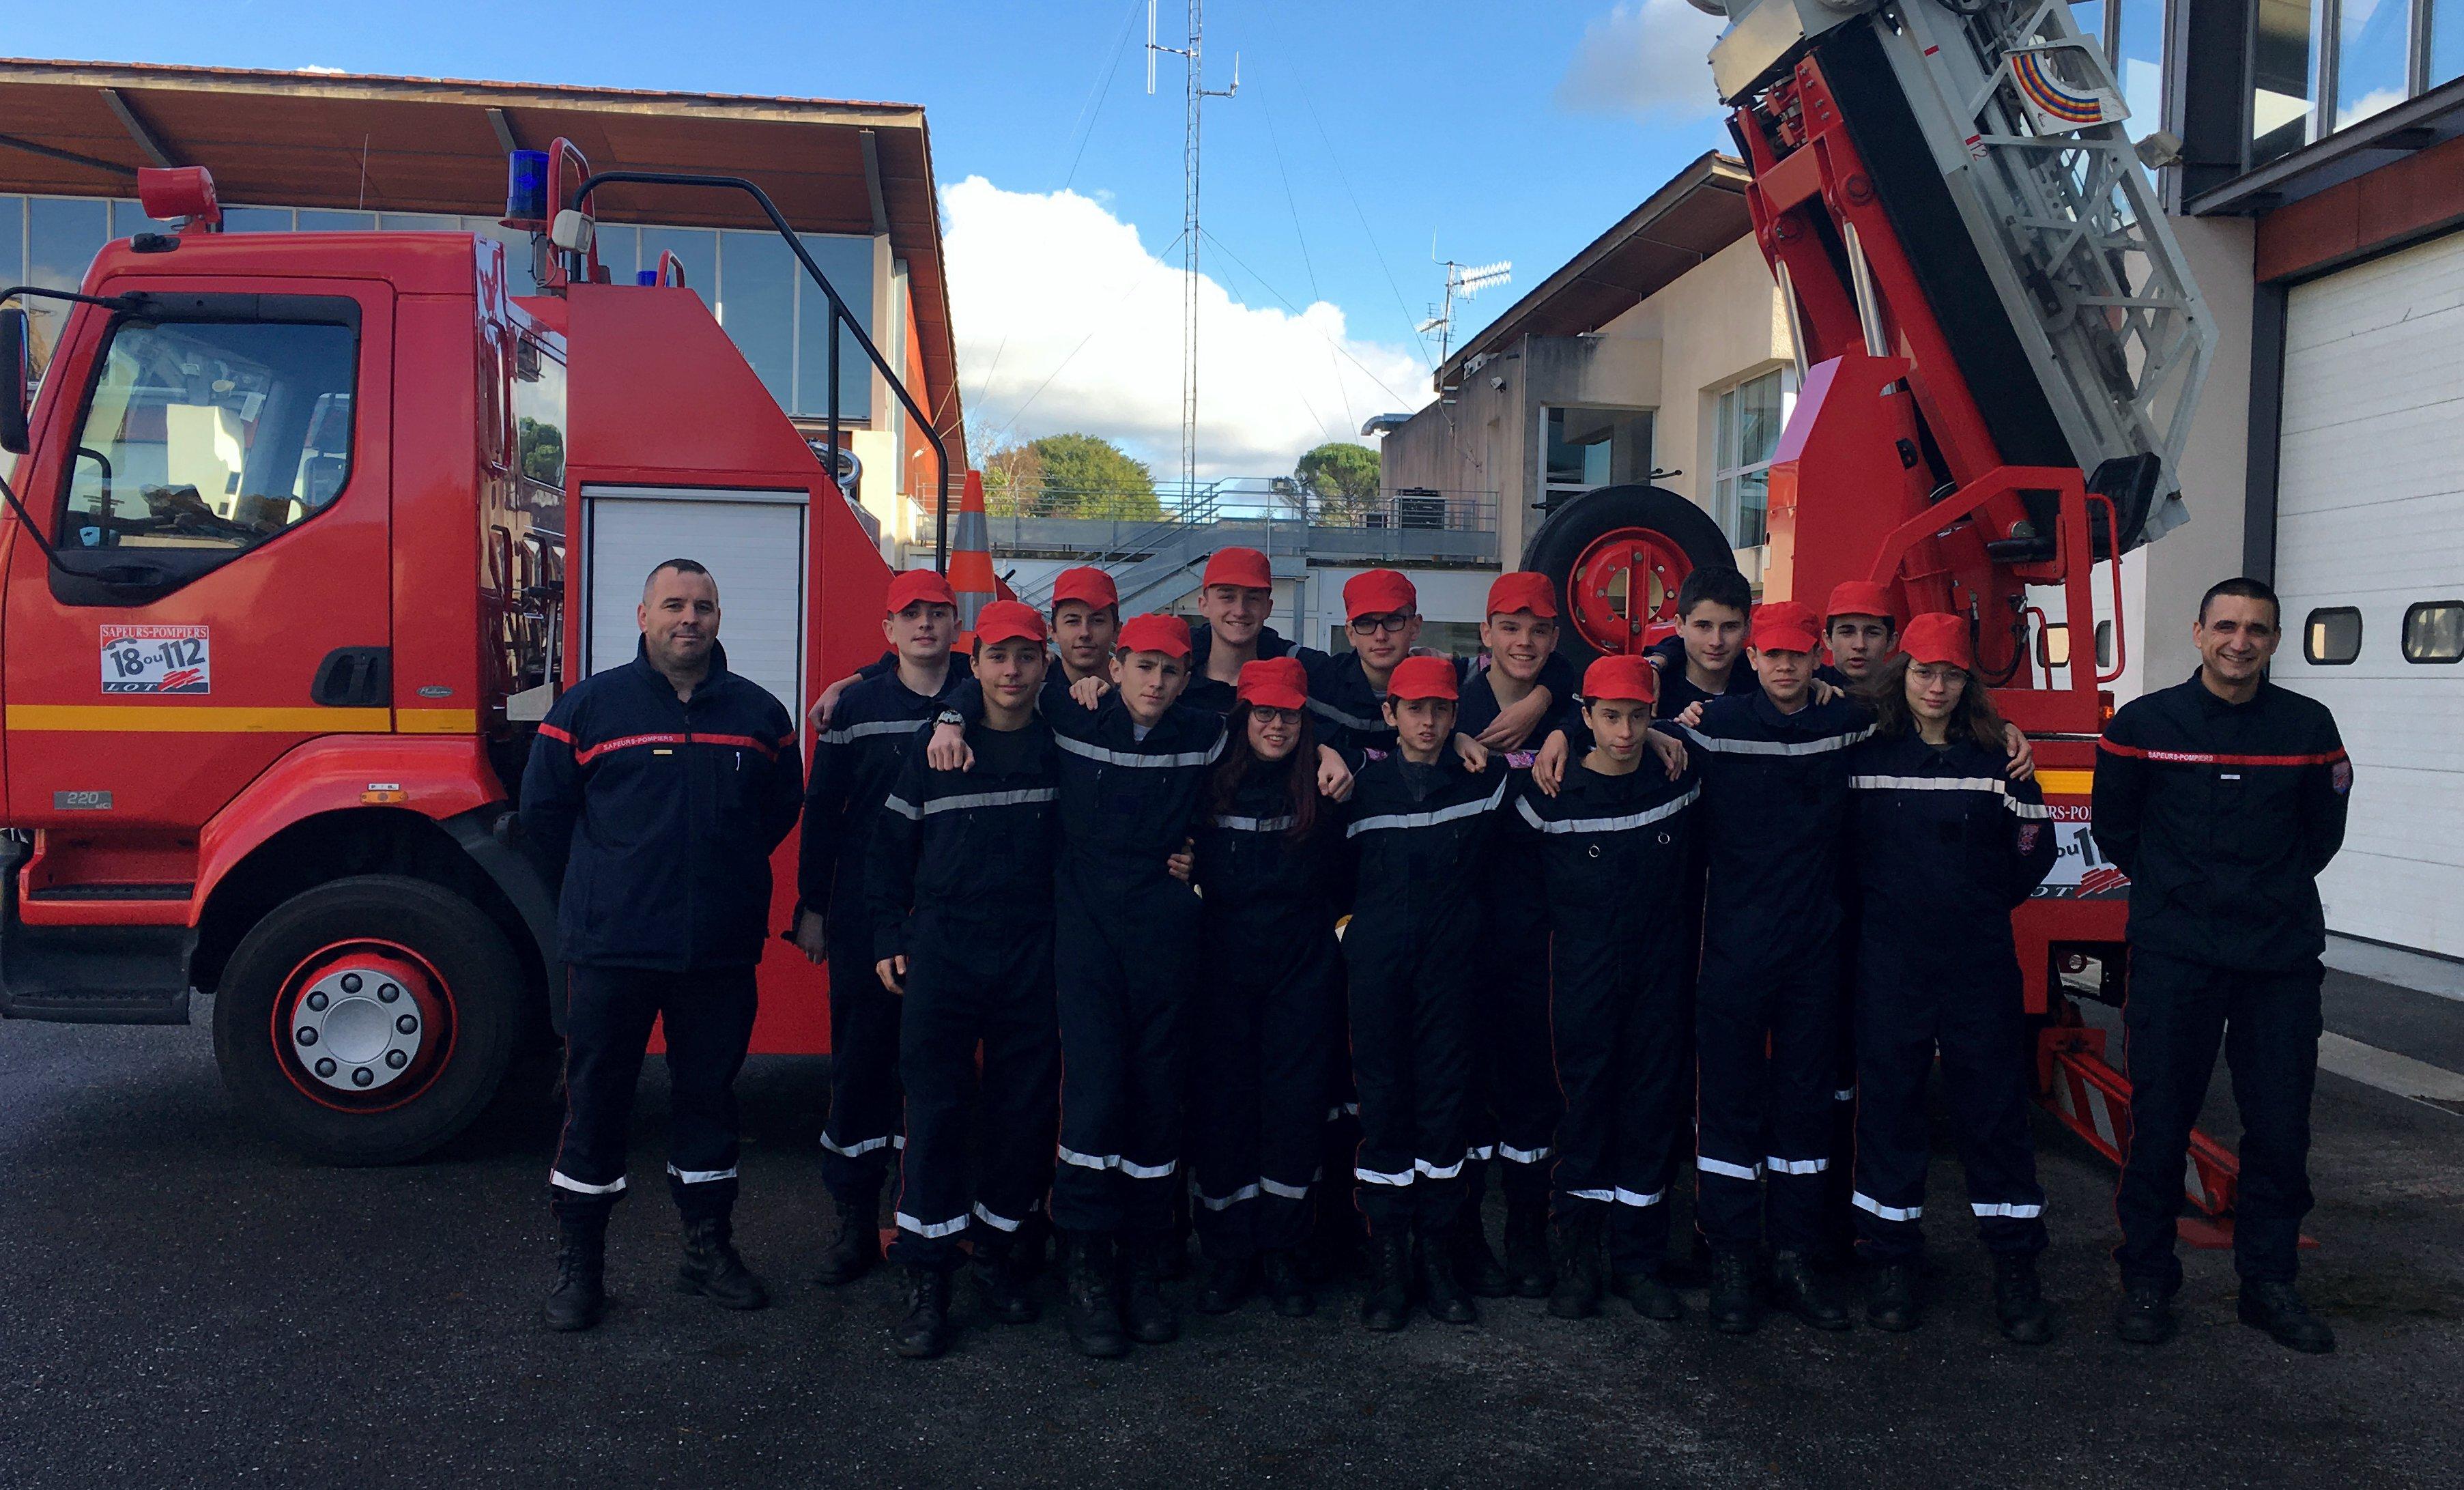 Figeac : Les cadets de la sécurité civile en manoeuvre - Medialot